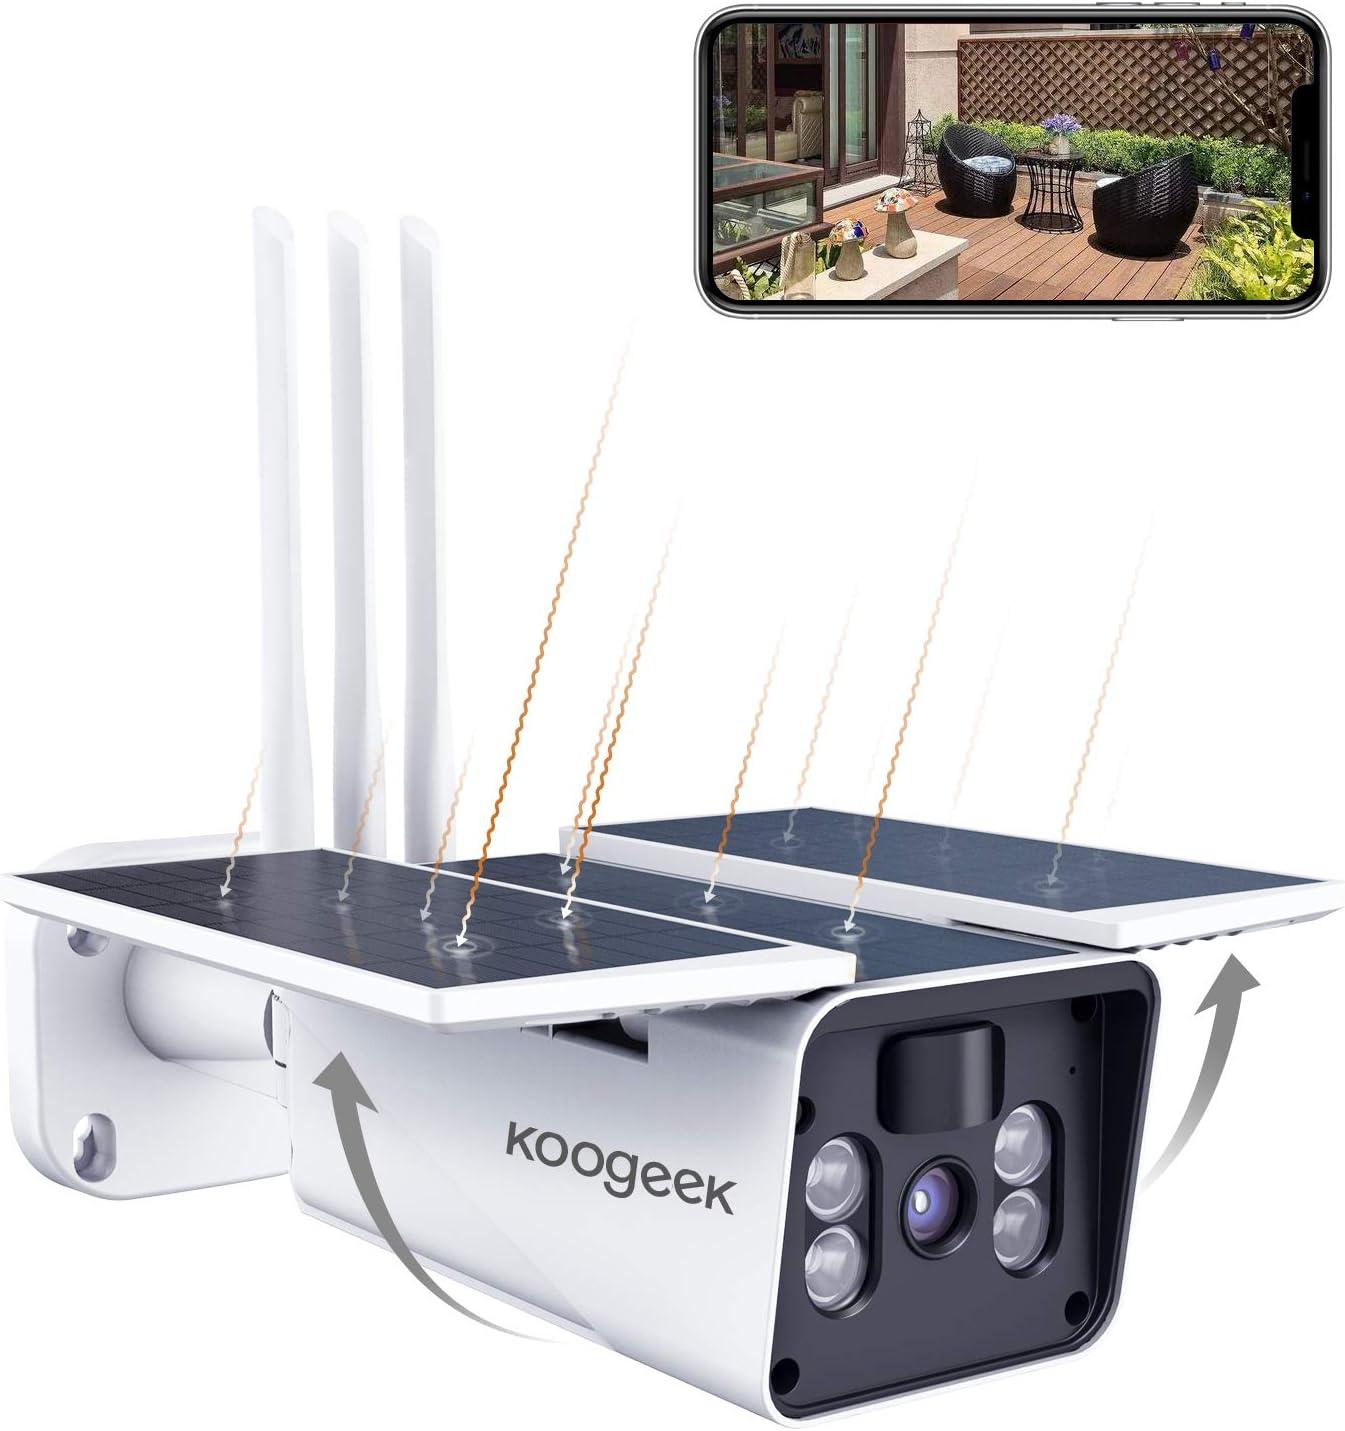 2021 Nueva Versión Koogeek Camara Vigilancia WiFi Exterior IP67,Camara de Vigilancia Exterior 1080P,Ángulo de Visión Amplio de 120°,Sin Cable,Detección de Movimiento,Alarma en Tiempo Real